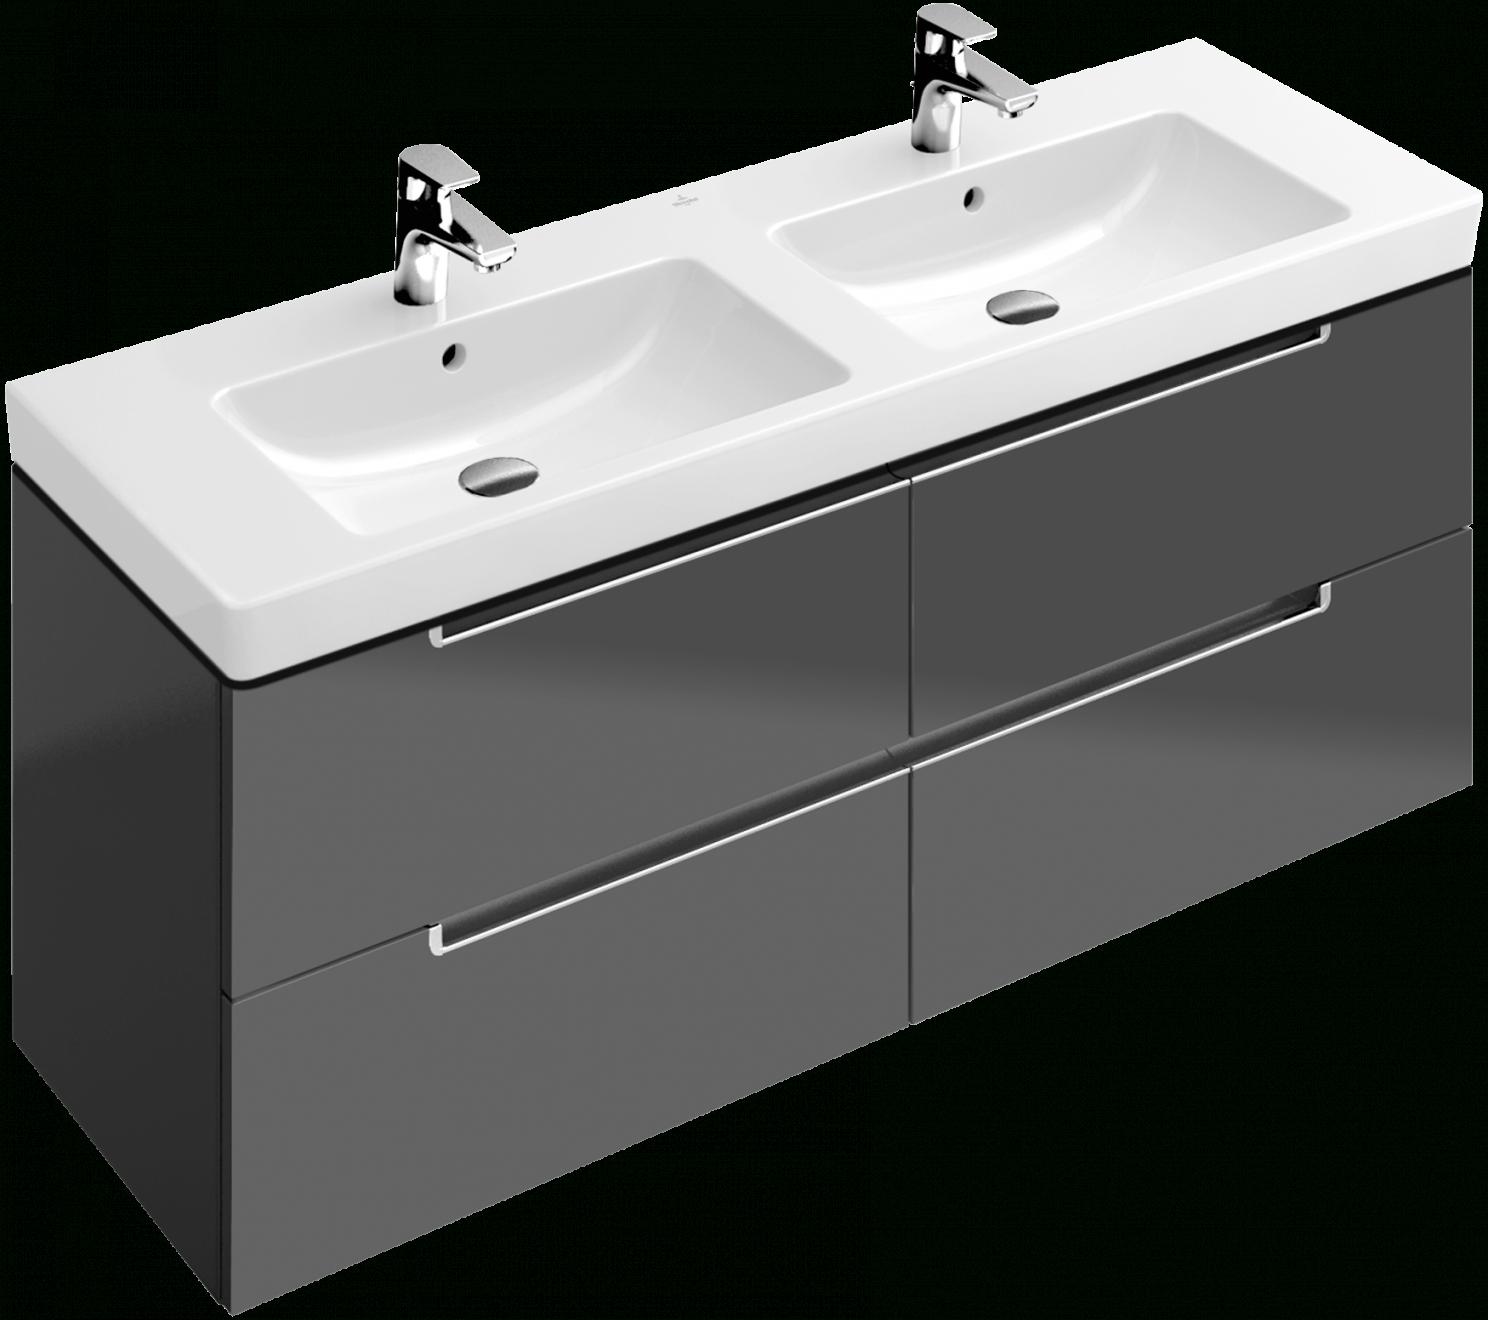 unterschrank und spiegelschrank waschtisch villeroy boch von villeroy und boch. Black Bedroom Furniture Sets. Home Design Ideas